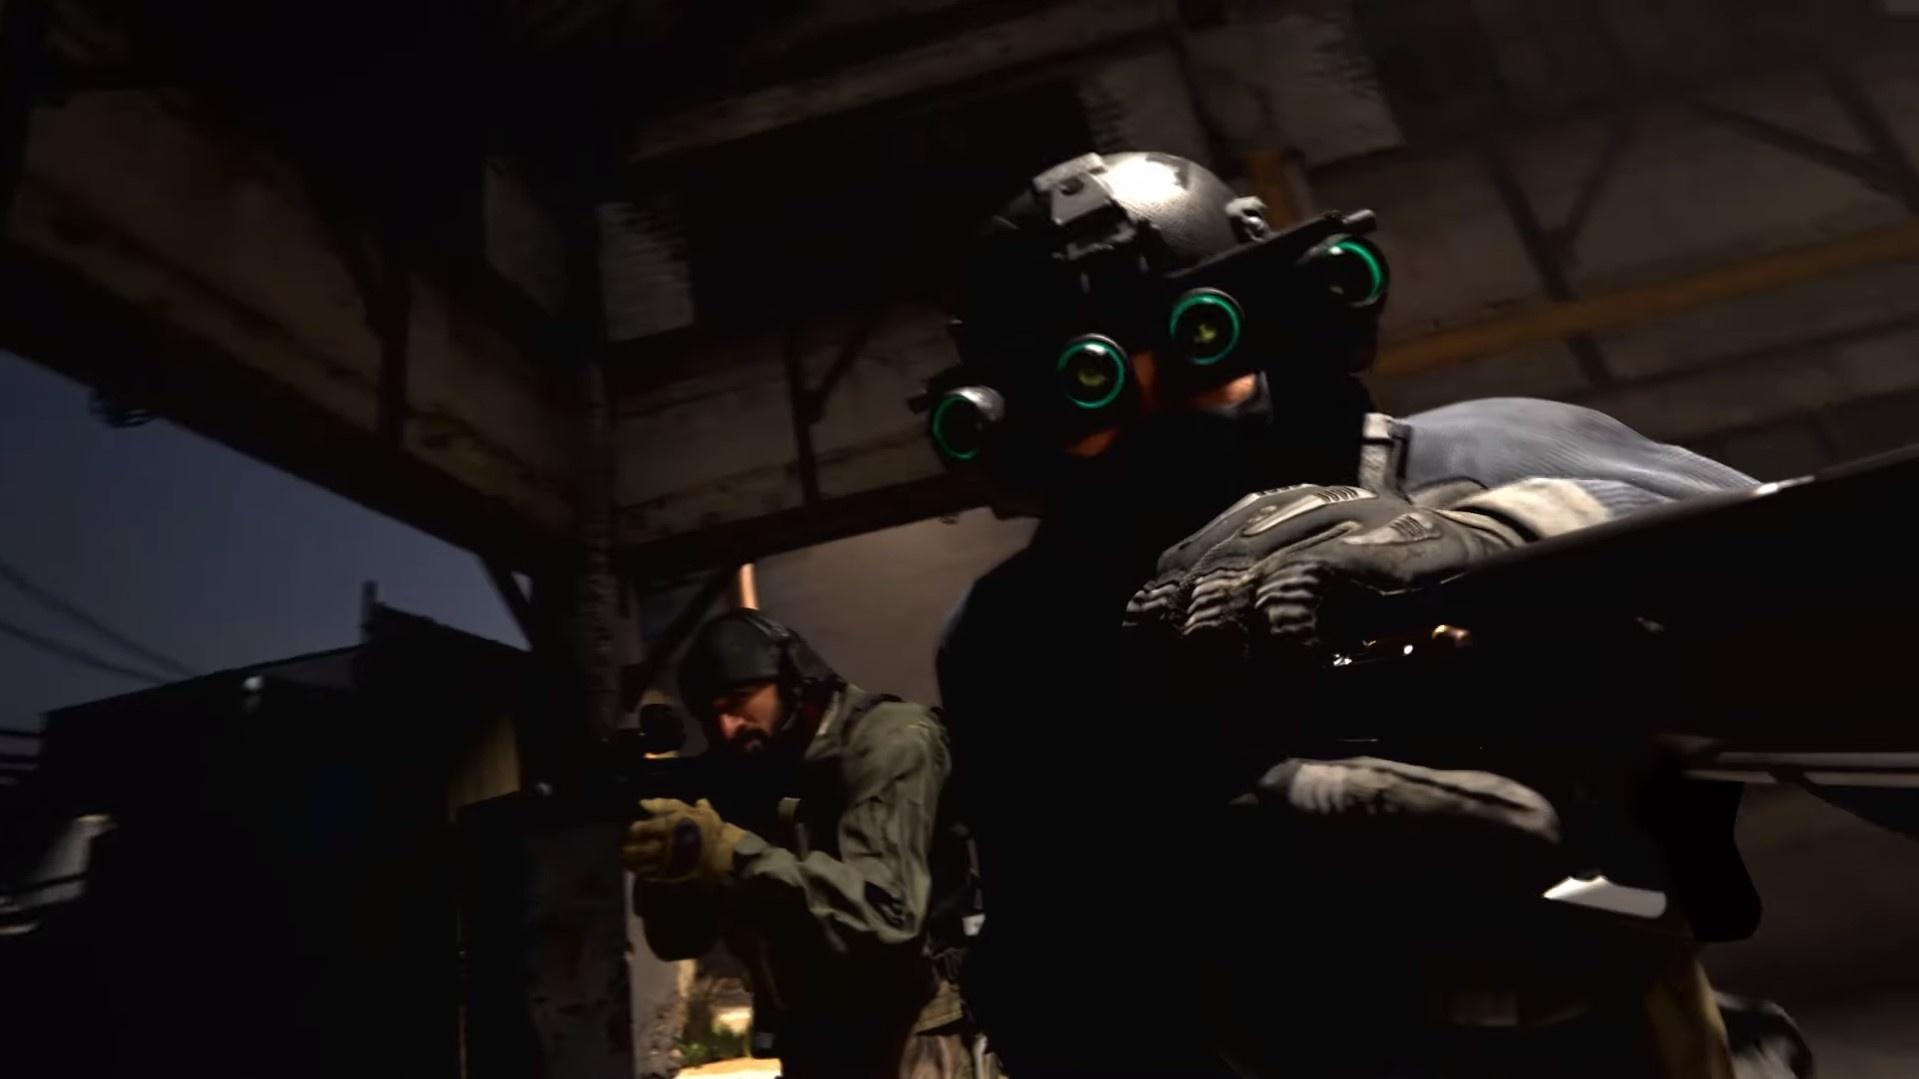 В коллекционное издание Call of Duty: Modern Warfare войдут очки ночного видения